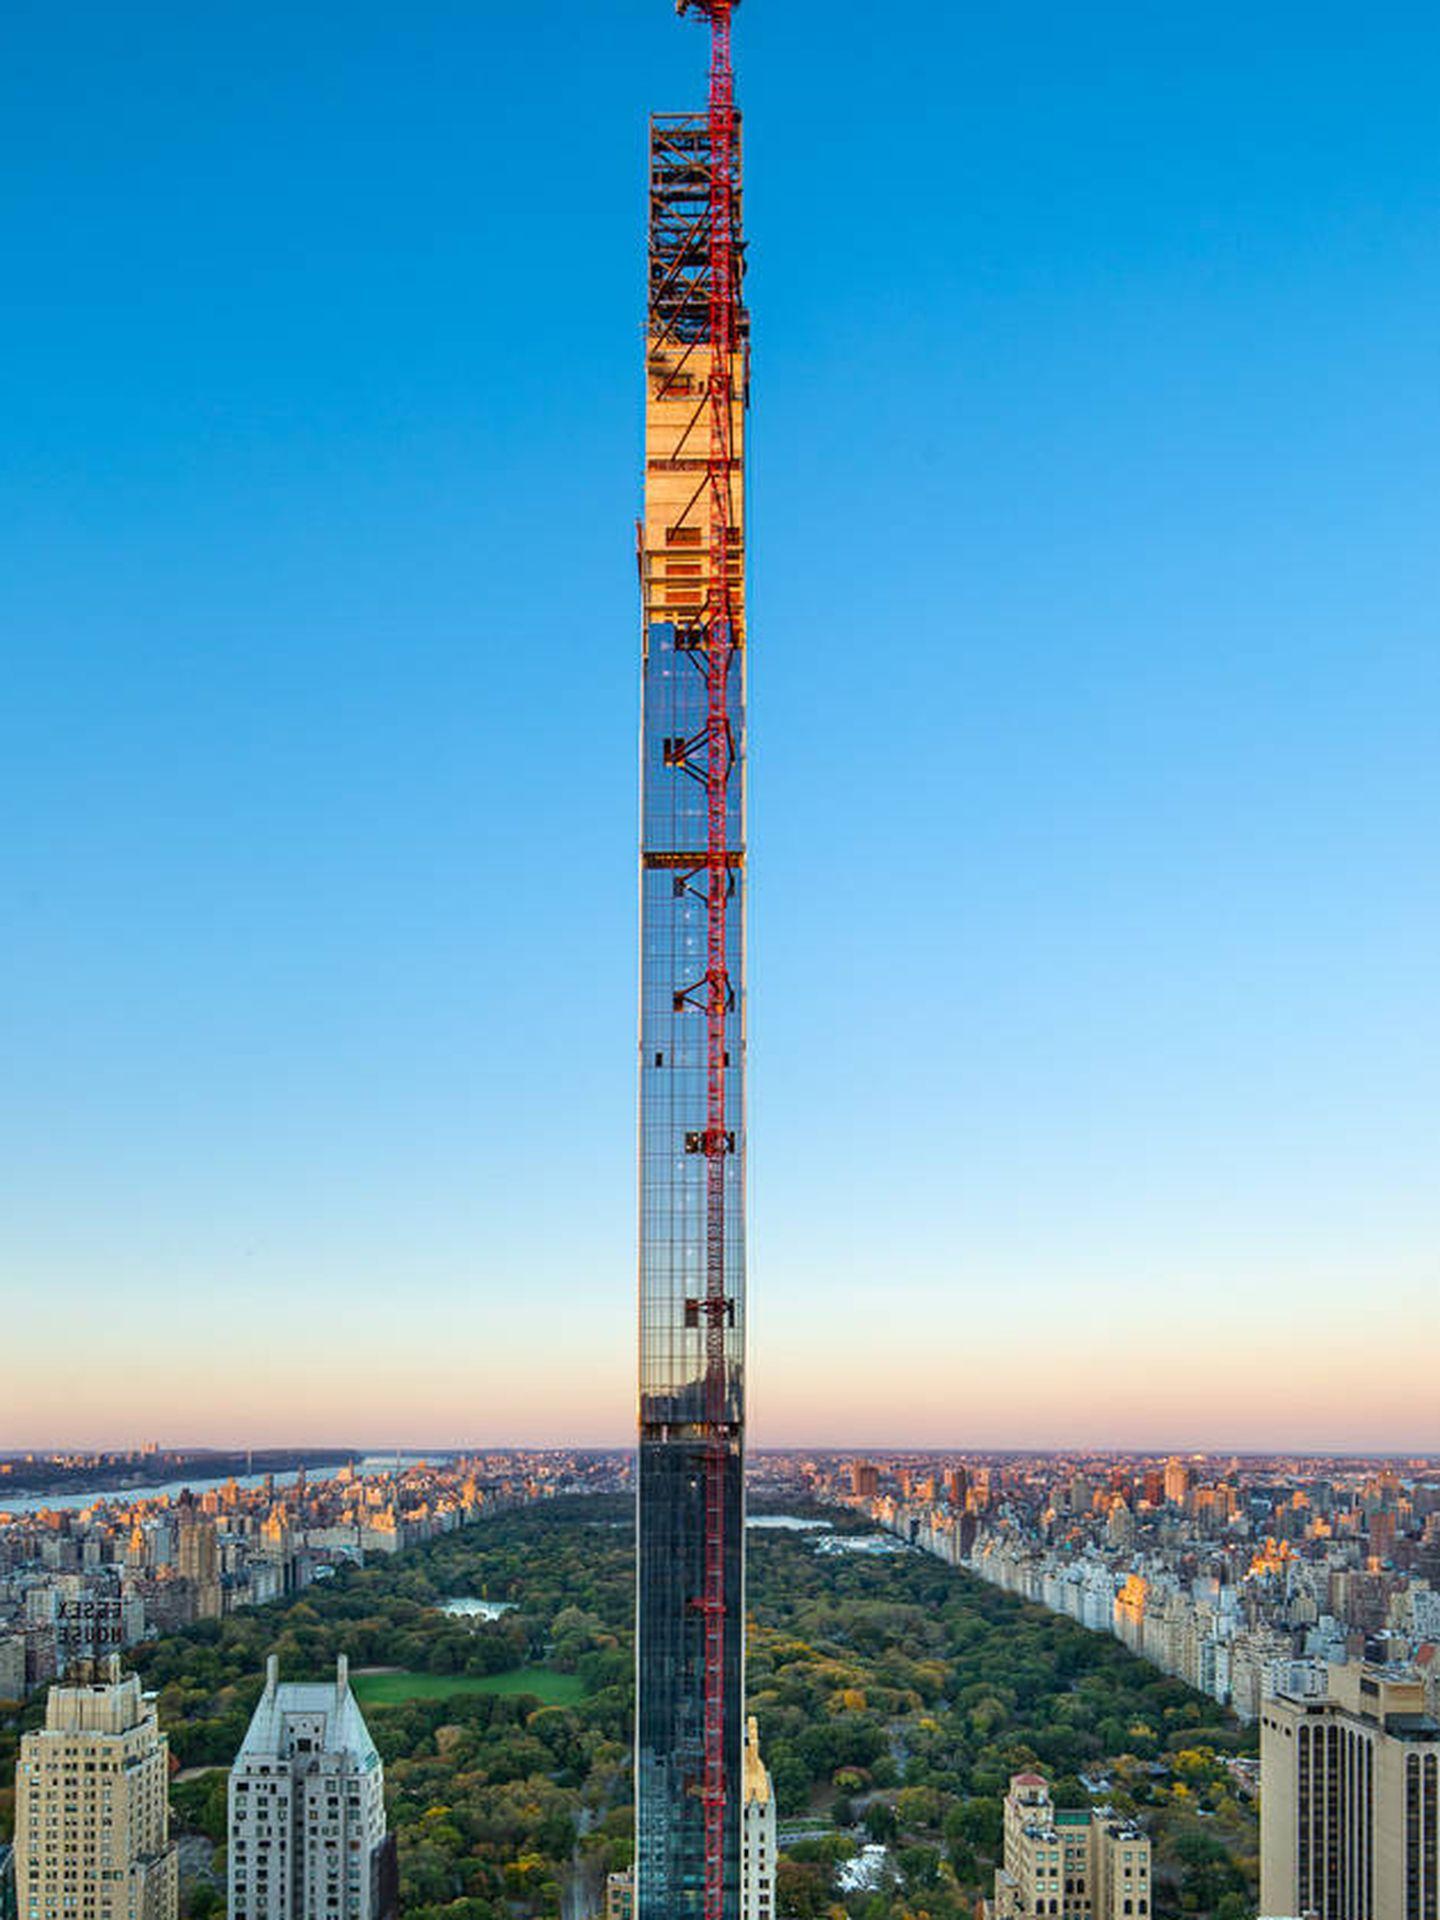 Tendrá viviendas con vistas de 360º a la ciudad. (Shop Architects)